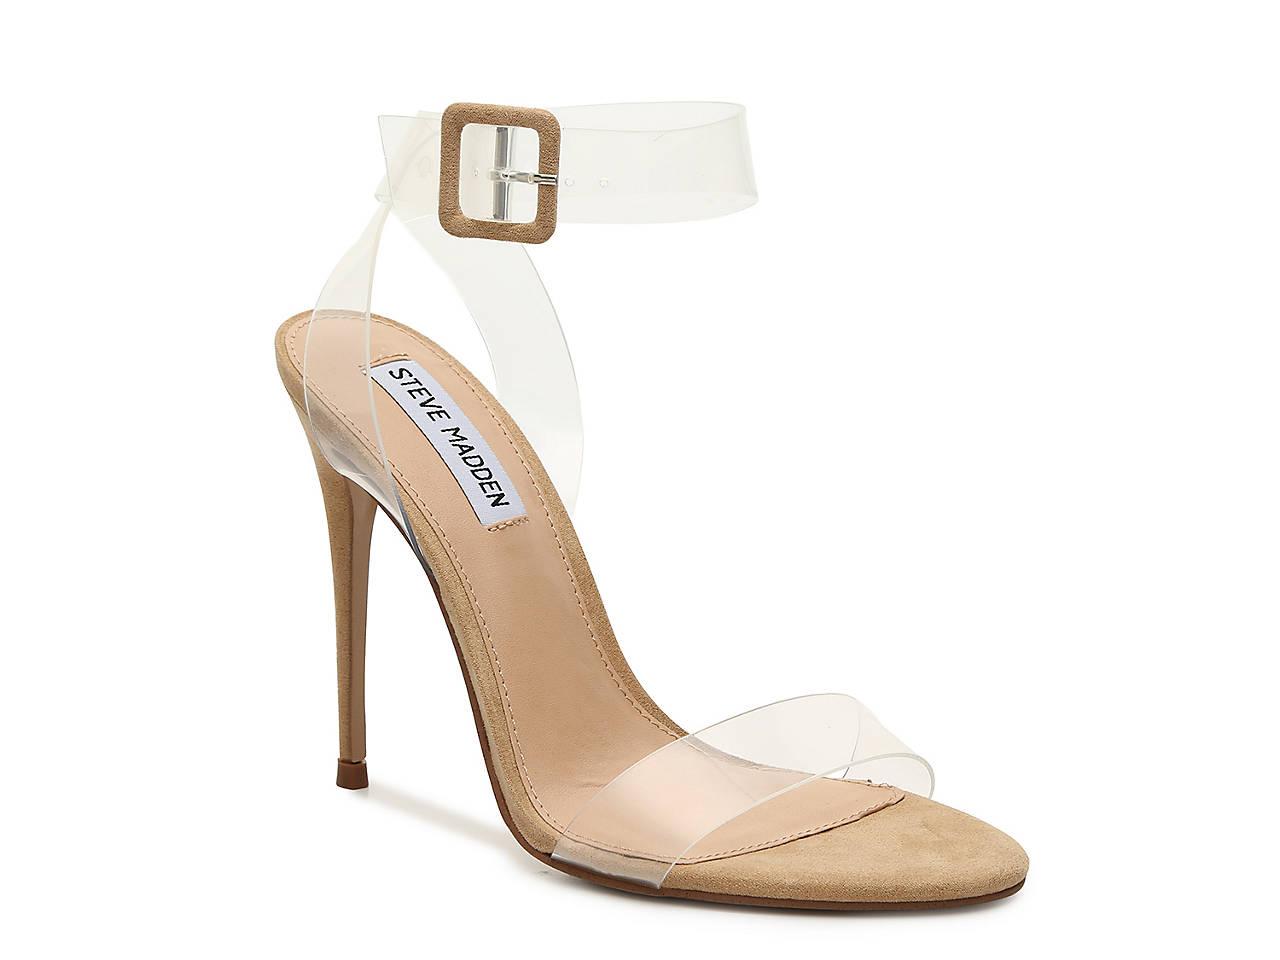 a6802022fcf Seeme Sandal